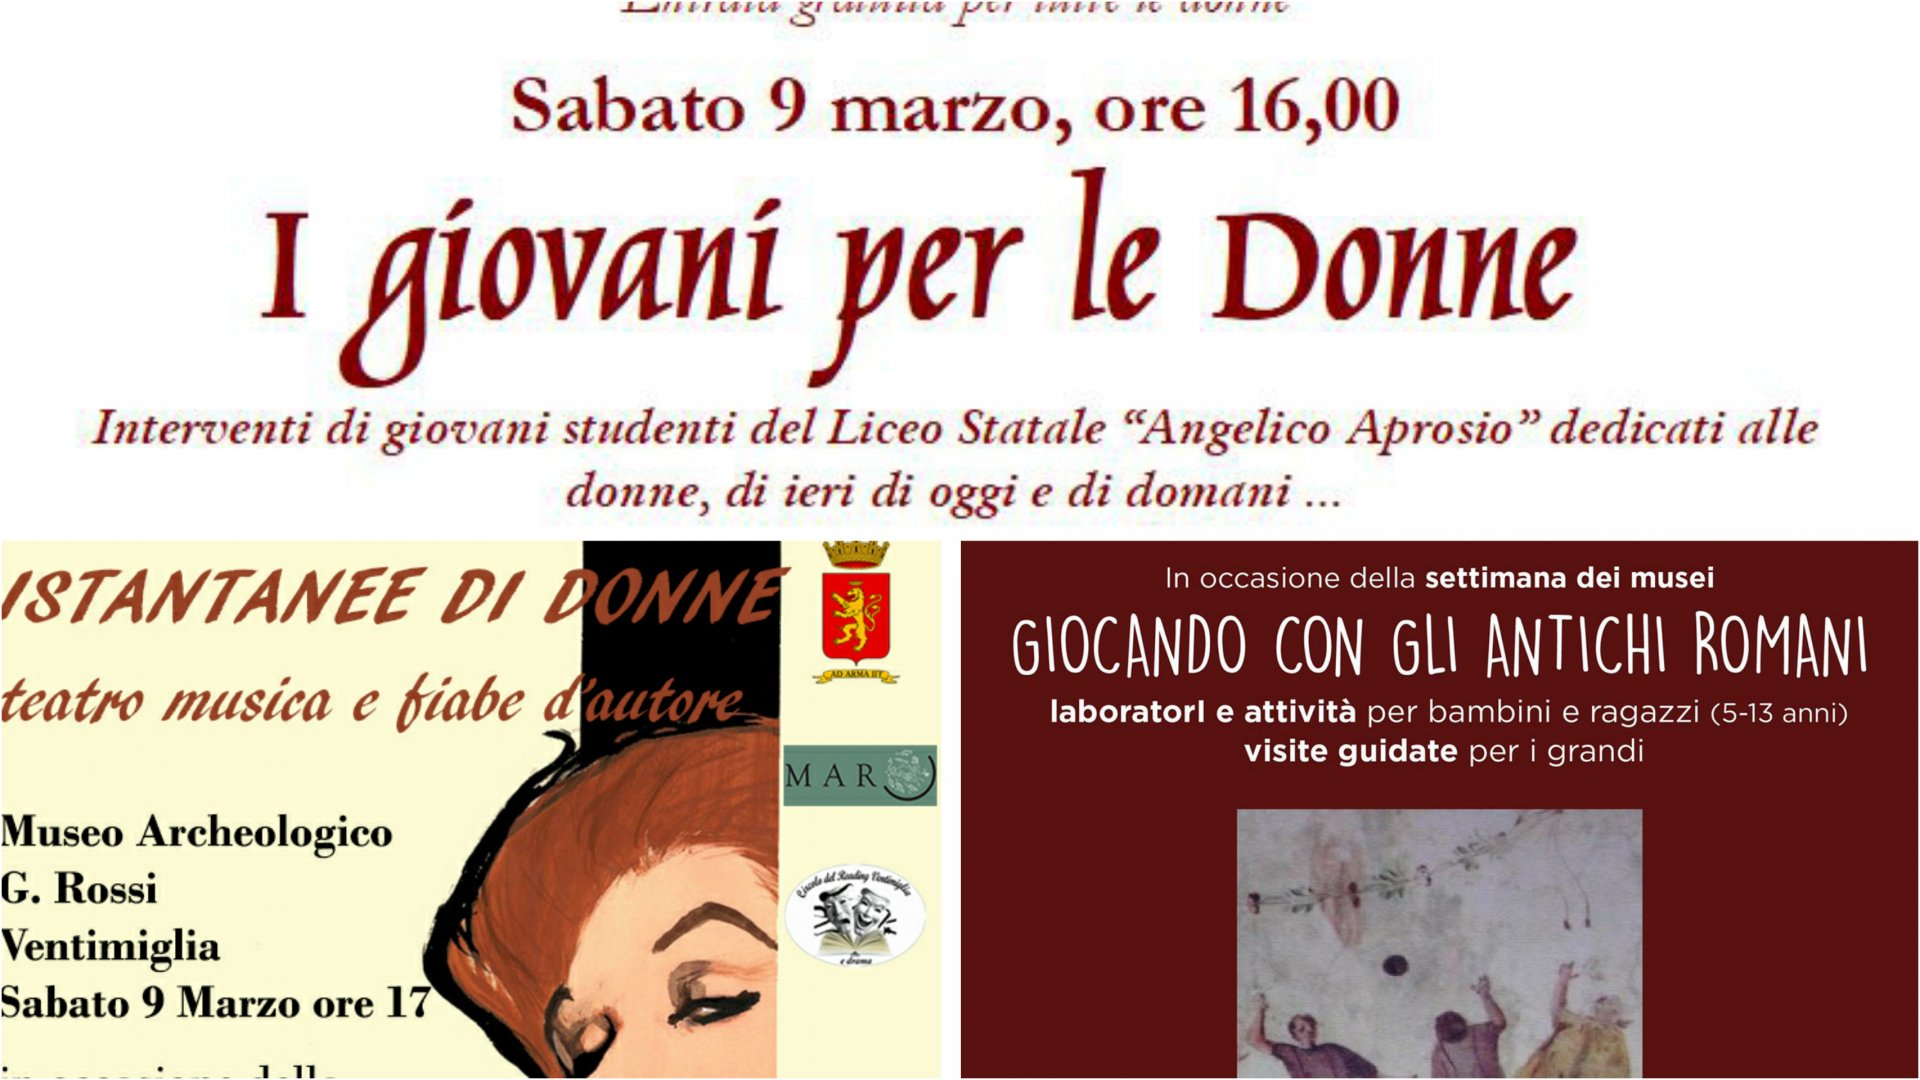 ca1d85f9ca Festa della Donna al museo - Le iniziative a Ventimiglia e nell'Area  Archeologica di Nervia - La Riviera